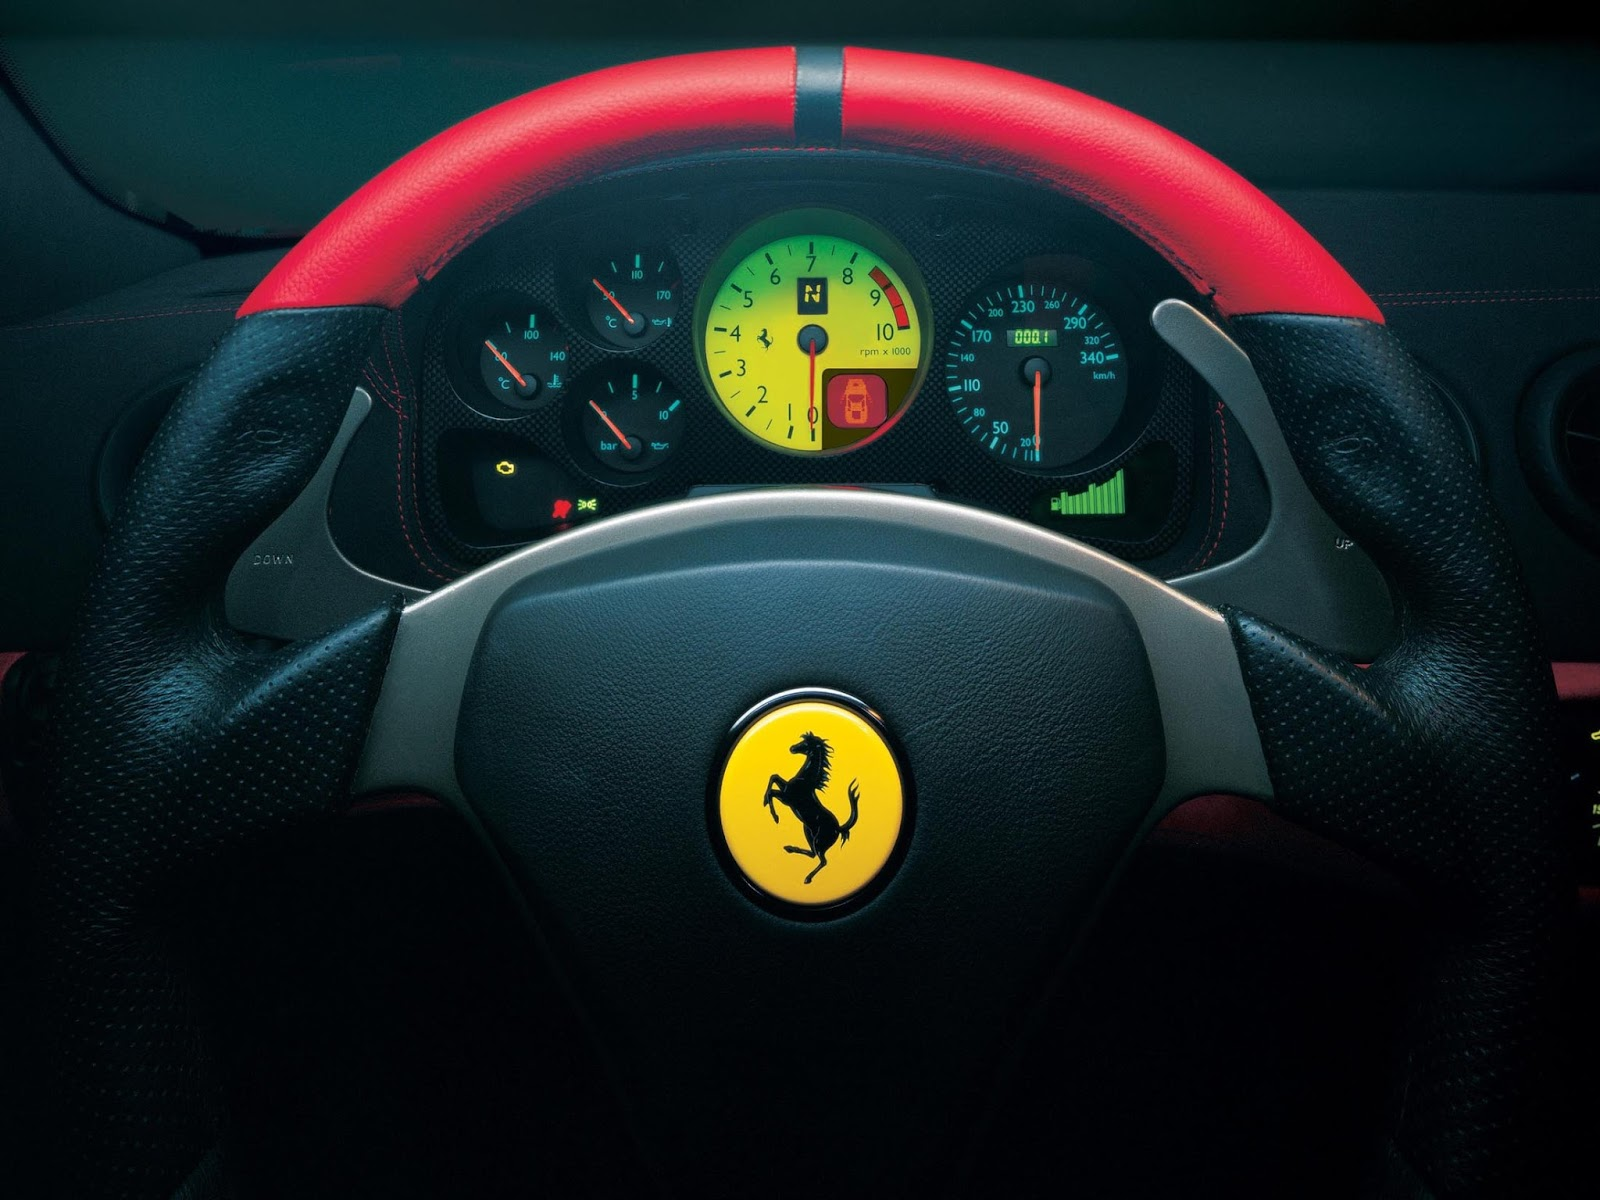 Ferrari%2B360%2BChallenge%2BStradale interior 10 λόγοι που η Ferrari 360 Challenge Stradale ανήκει στο γκαράζ των ονείρων μας Ferrari, Ferrari 360 Challenge Stradale, Ferrari 360 Modena, Ferrari Challenge Stradale, videos